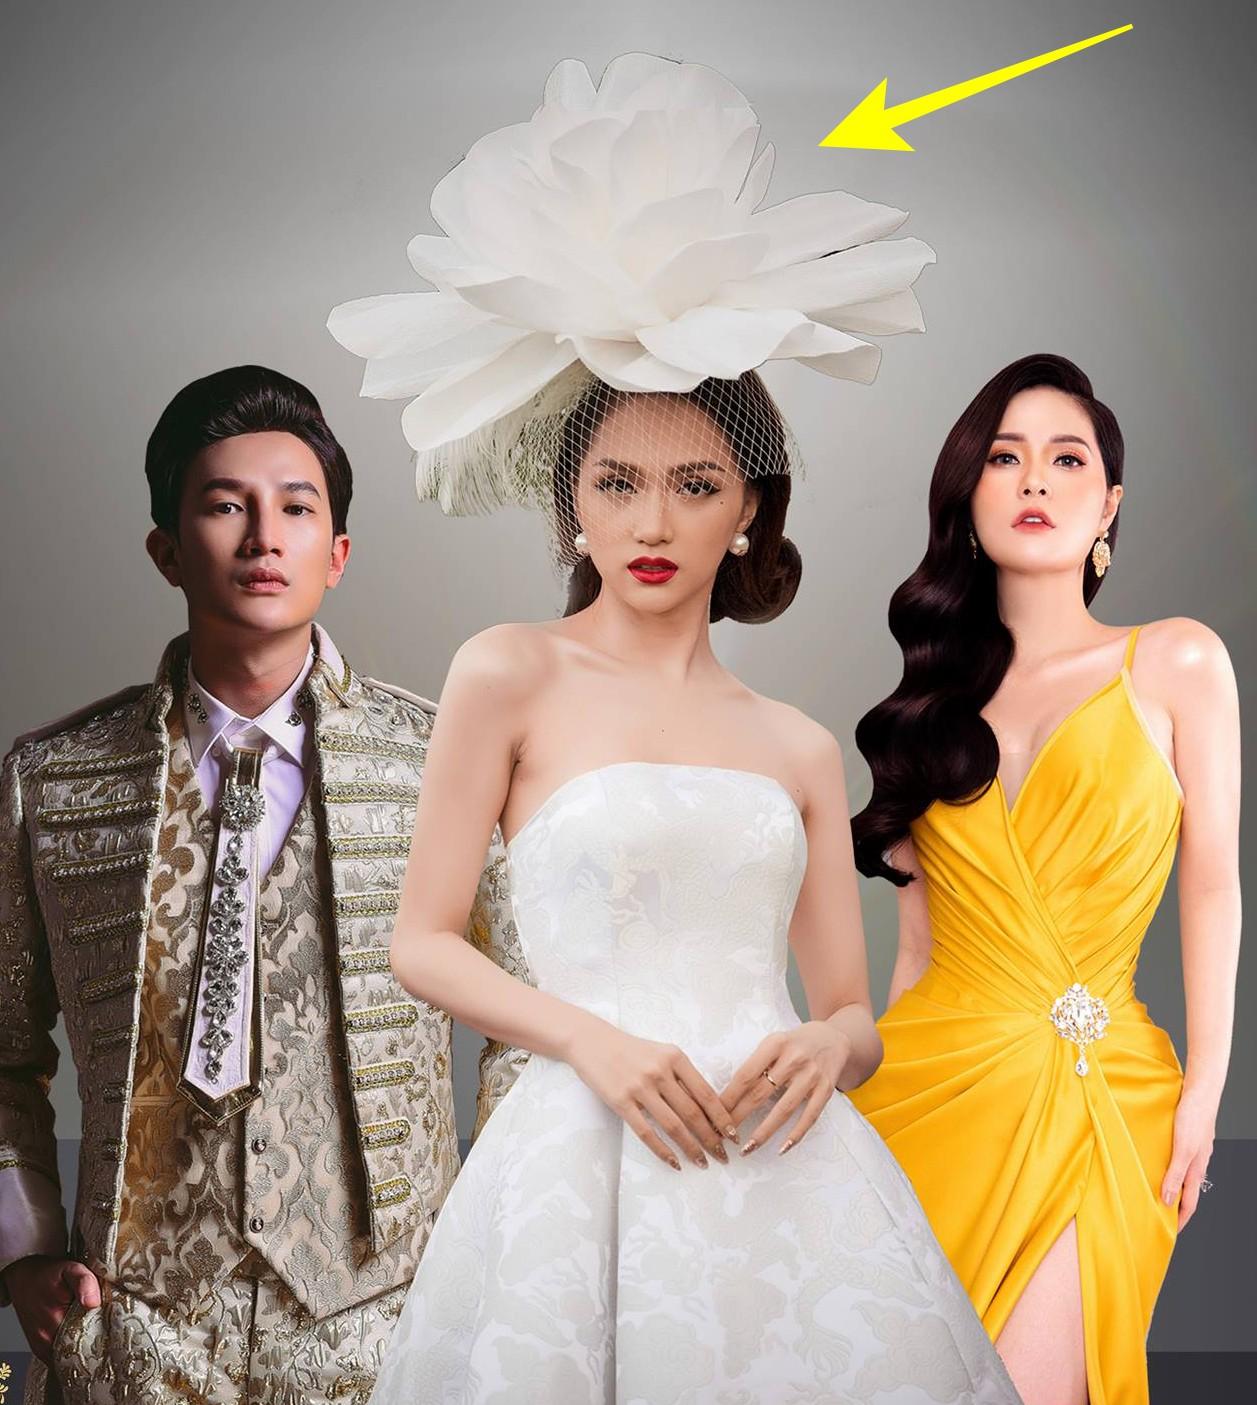 Hương Giang đội hoa như bà hoàng trên poster The Tiffanys Vietnam nhưng người ta lại thấy lỗi photoshop to đùng - Ảnh 1.